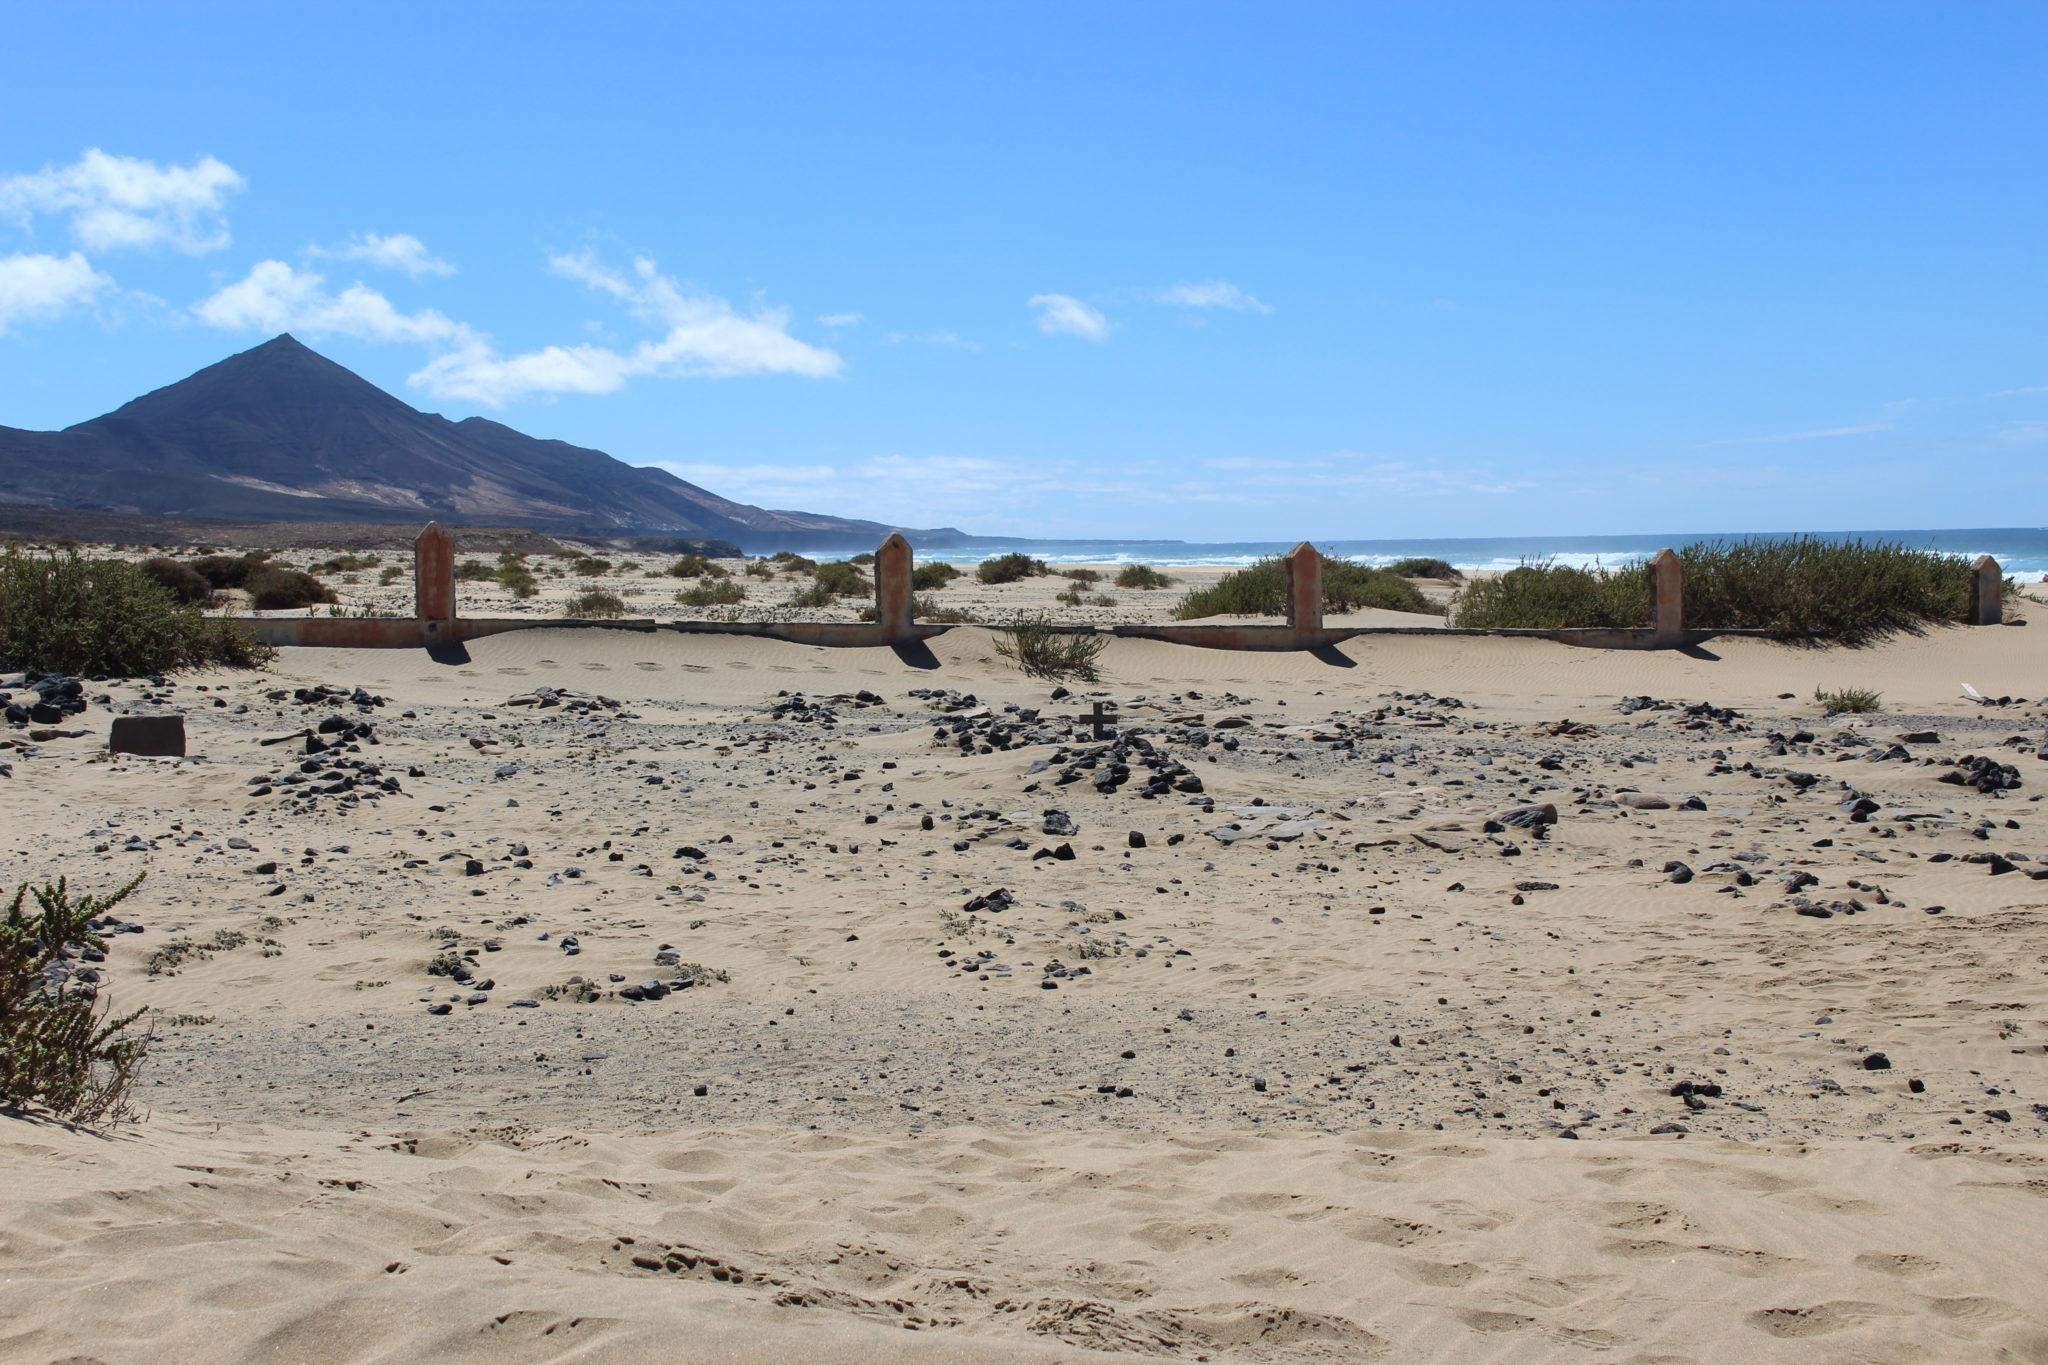 Pozostałości cmentarza na Cofete są dowodem na istnienie osadnictwa w tym odciętym od cywilizacji miejscu.